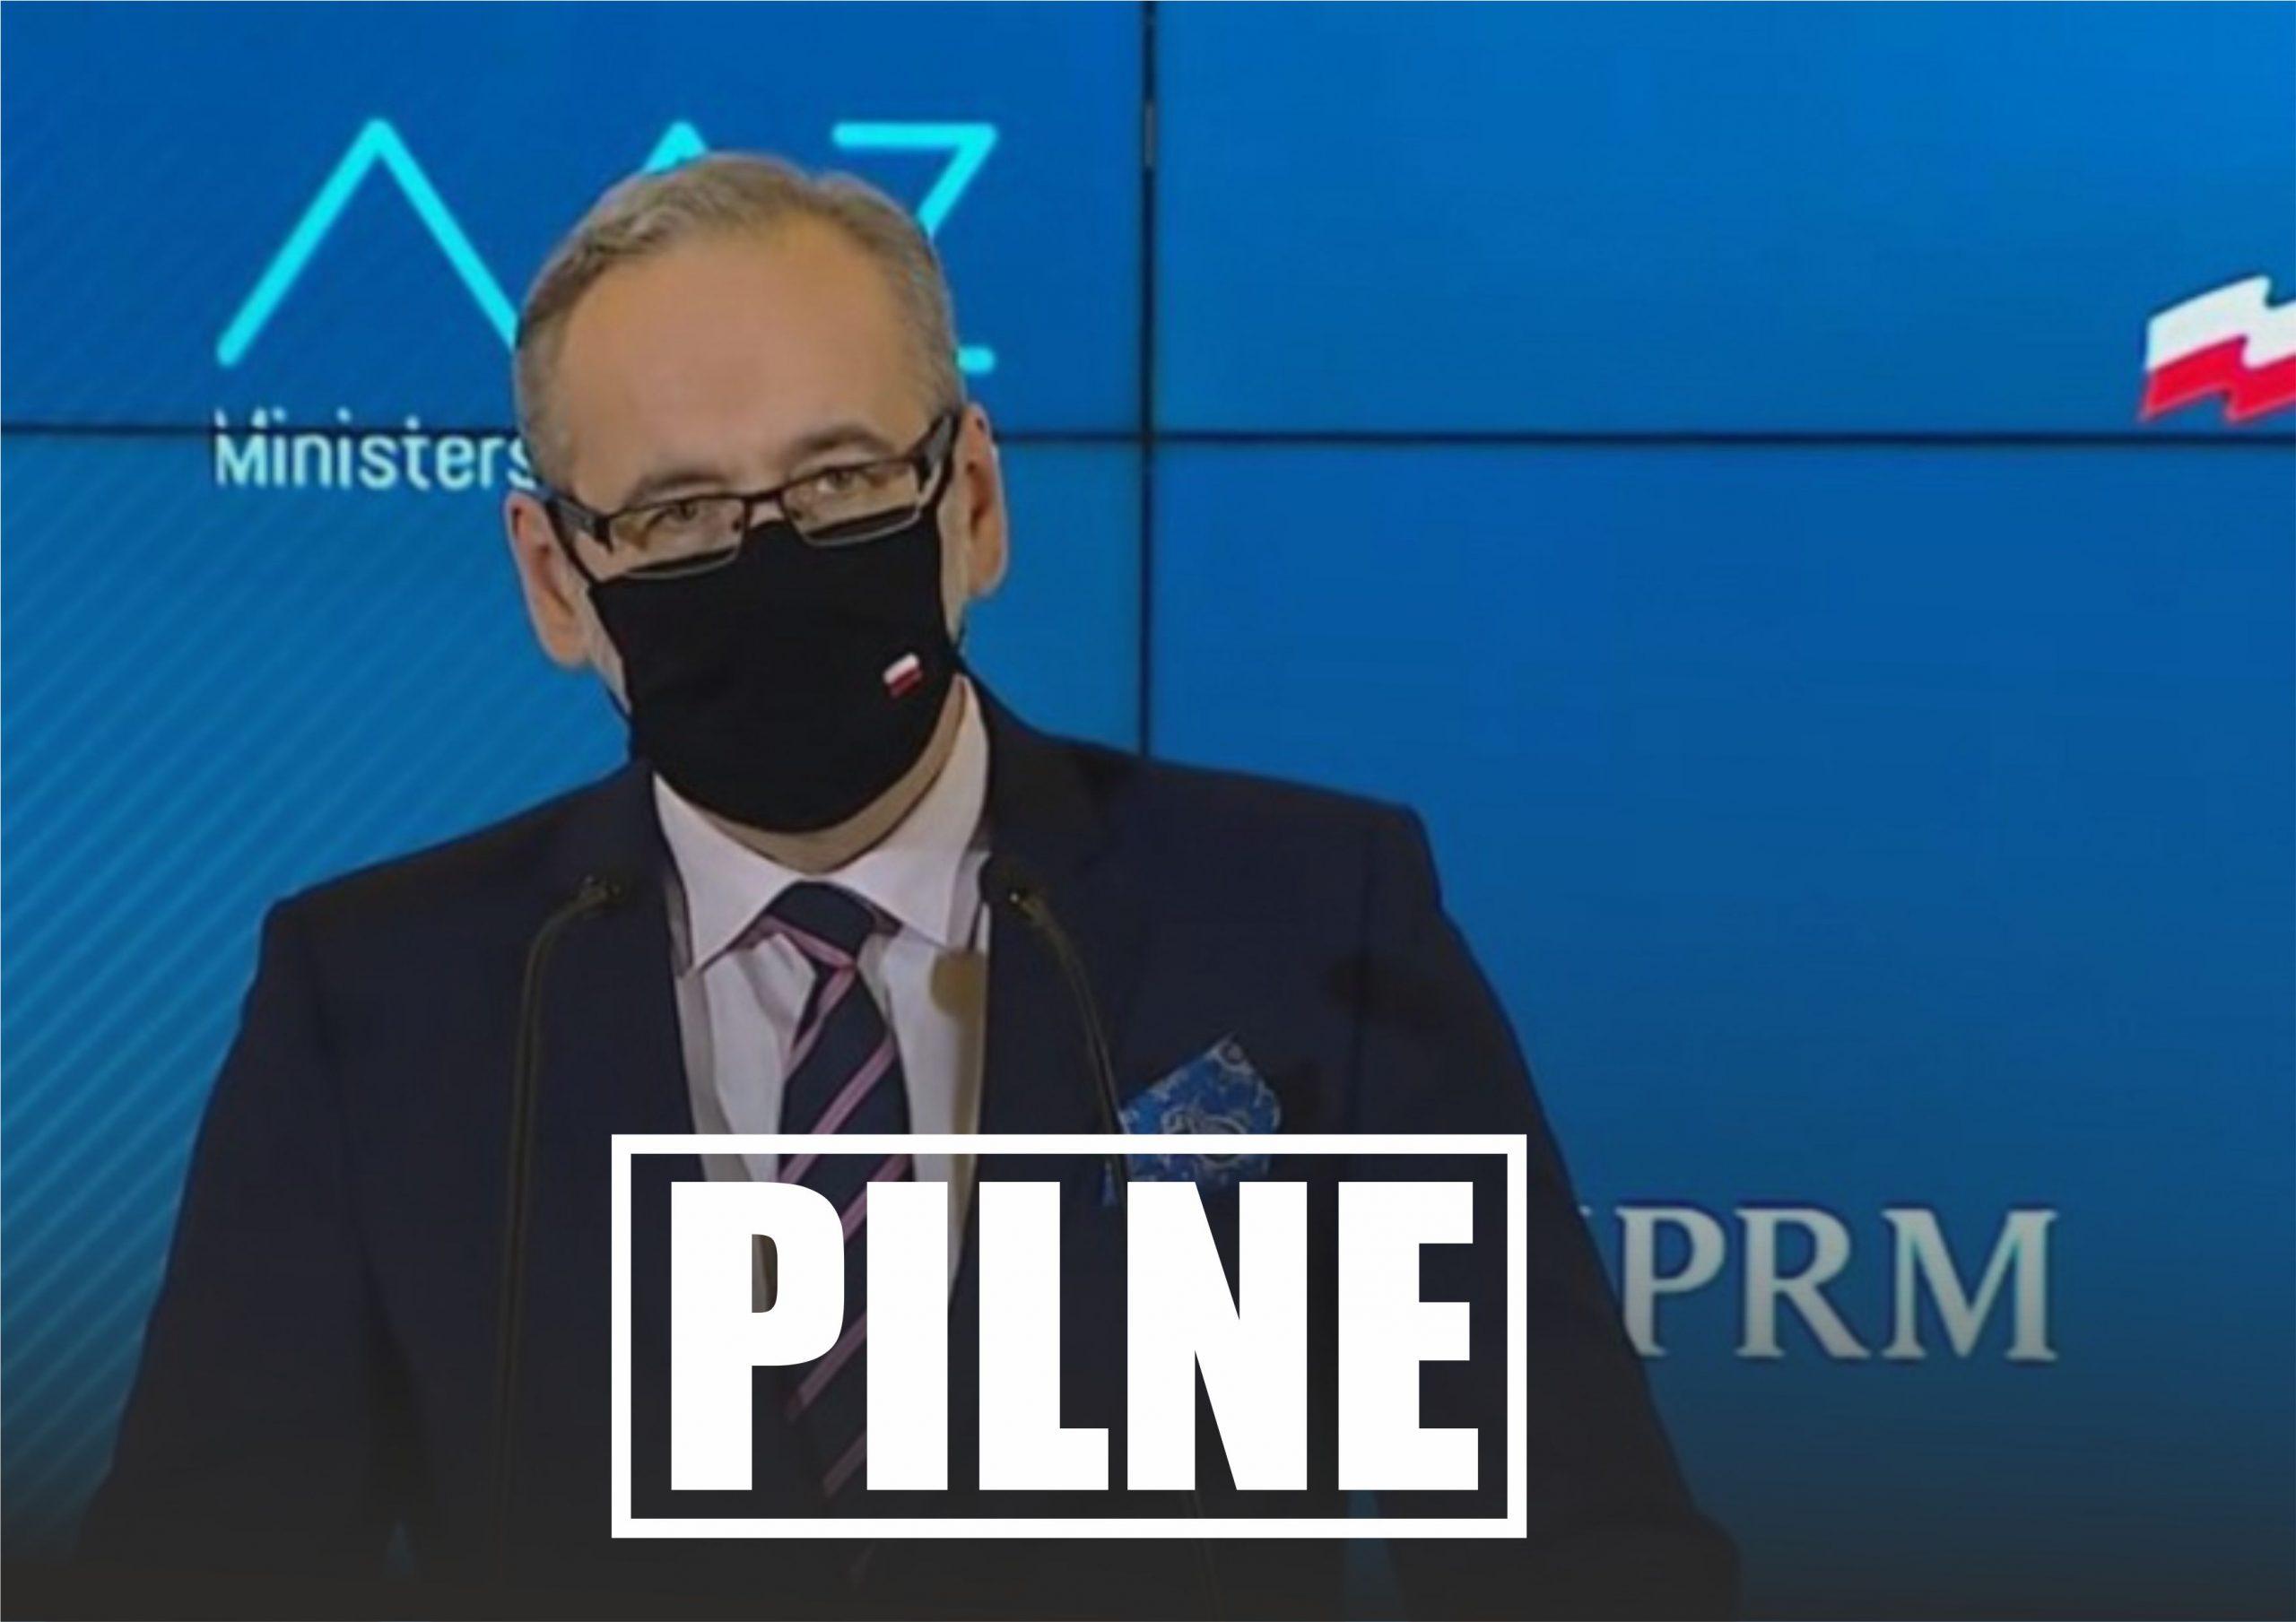 Realizuje się czarny scenariusz. Minister potwierdził, że rośnie w Polsce liczba zakażeń wariantem Delta, zapowiedział co nas czeka dalej